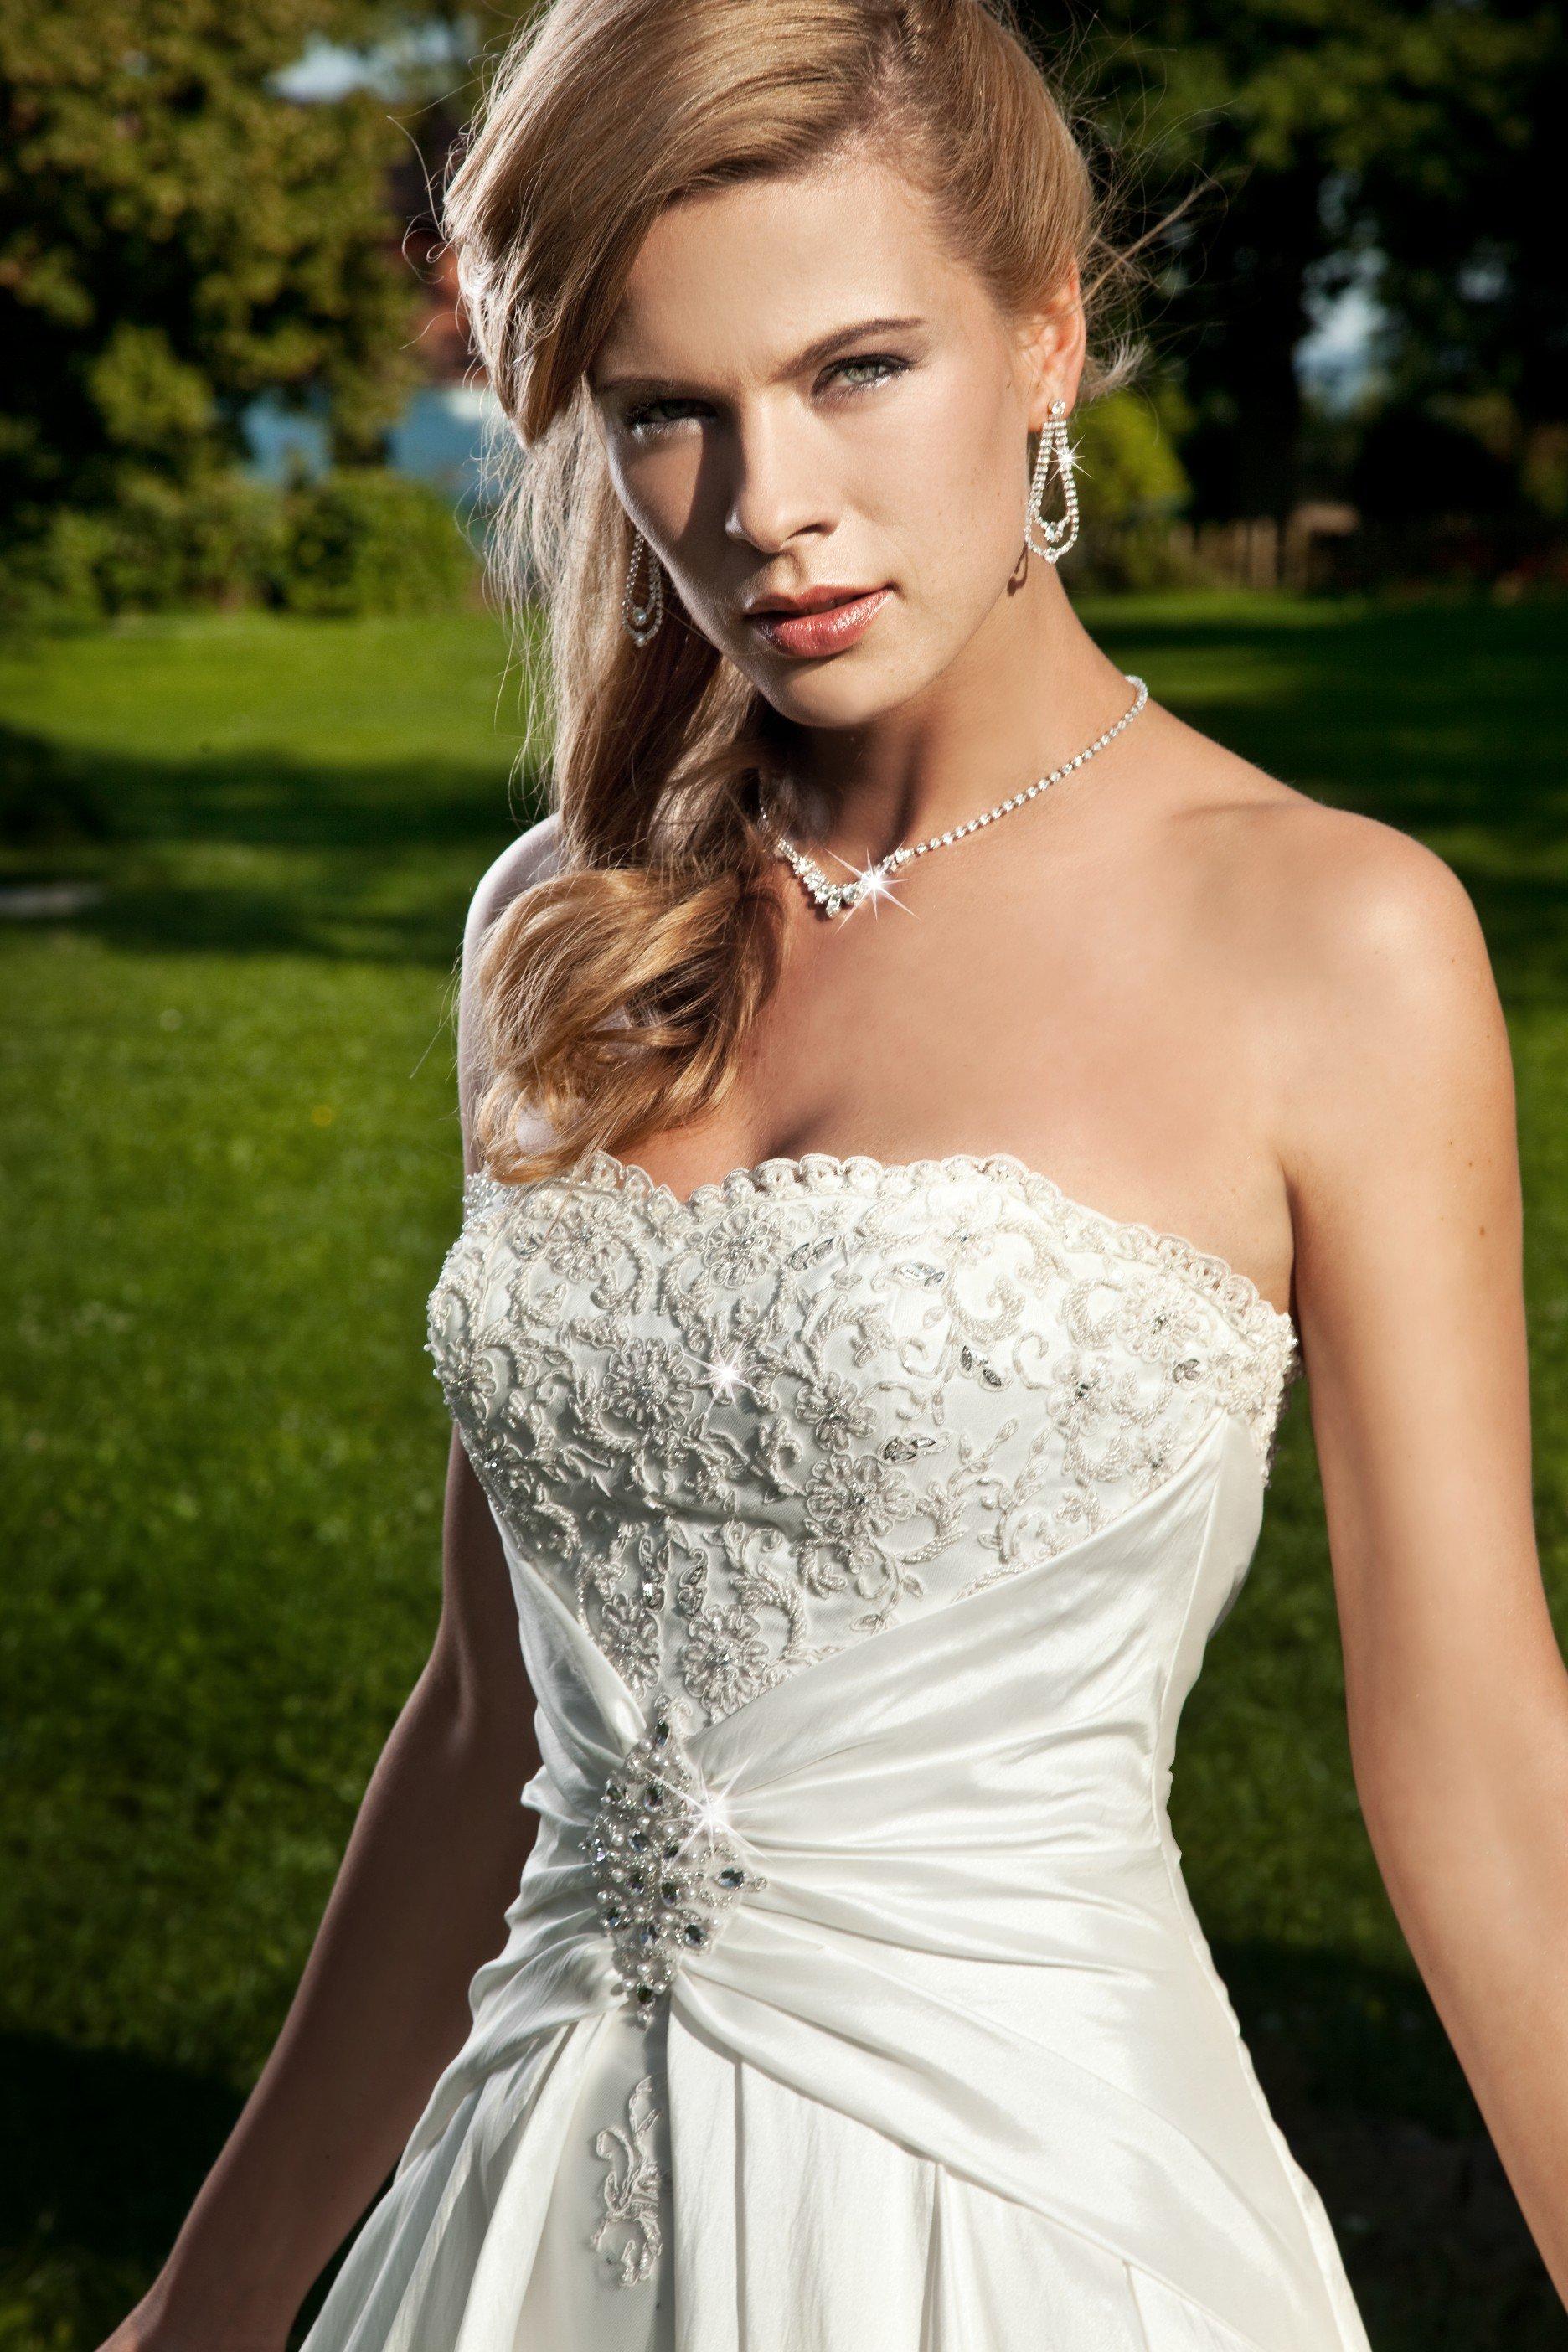 Erica Marie suknia ślubna - Suknie ślubne